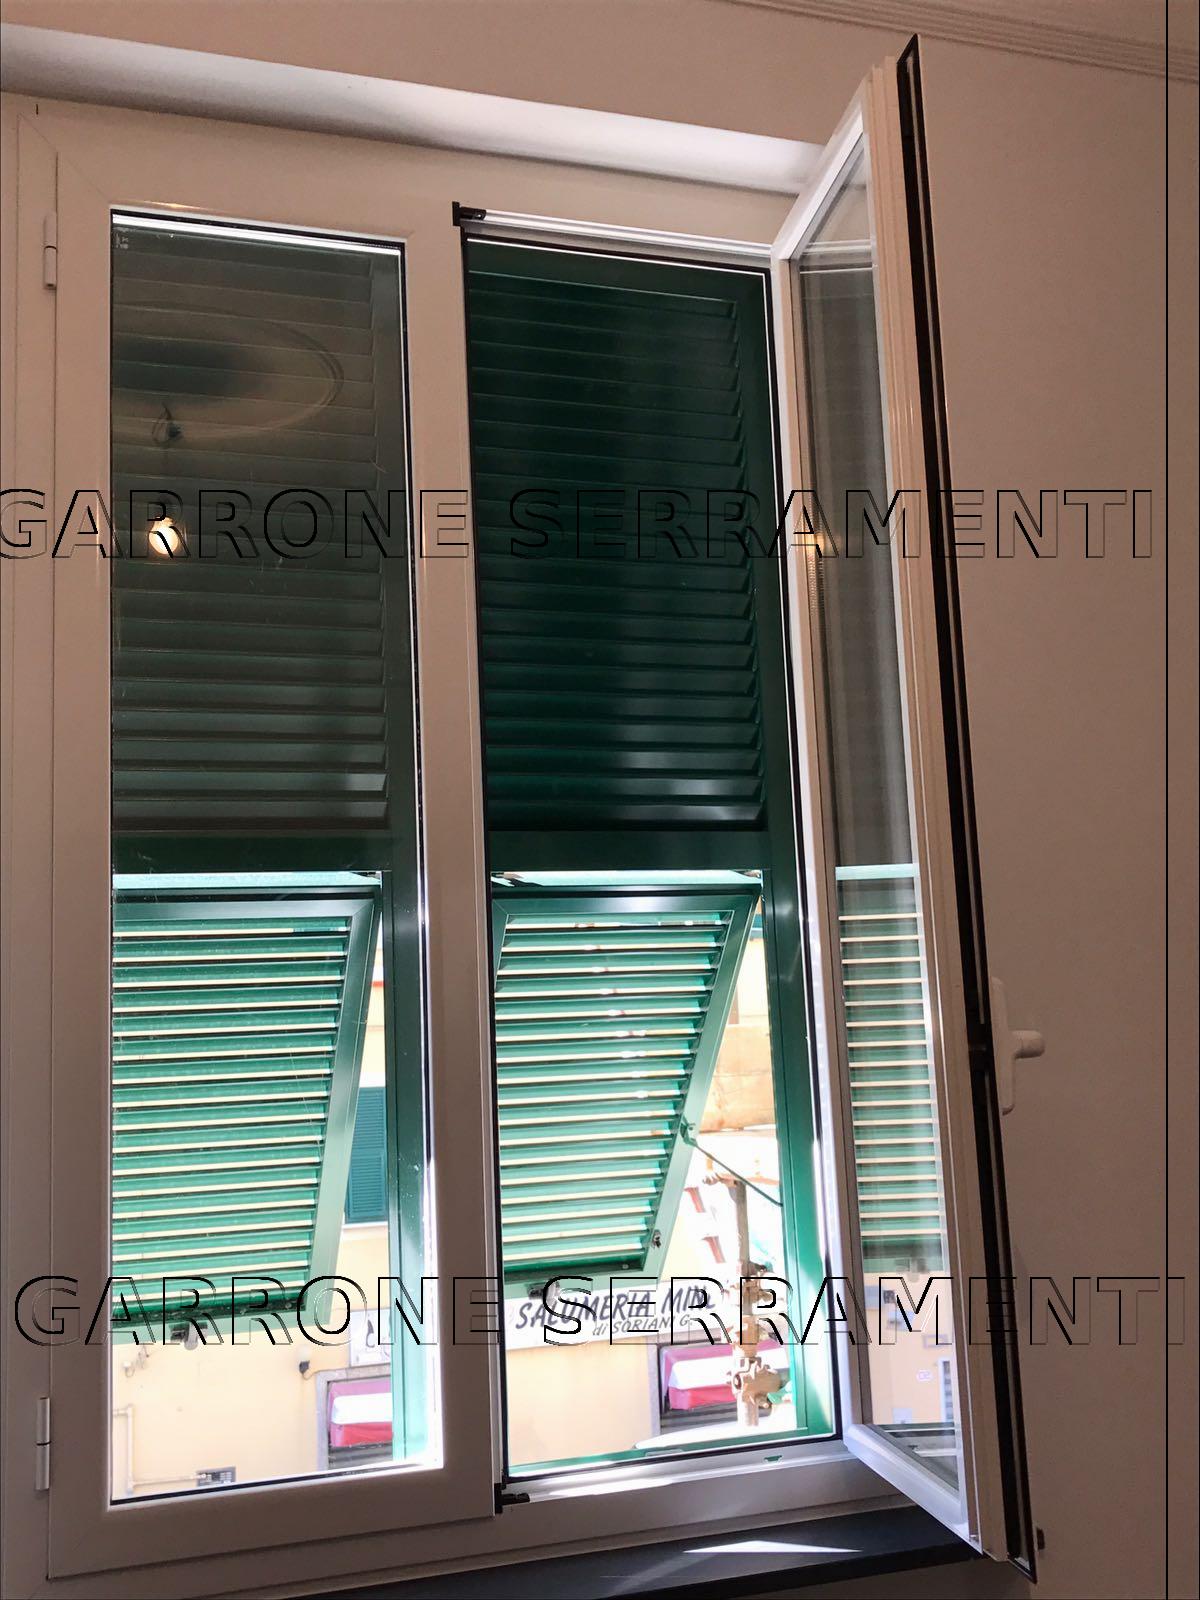 Prezzi finestre alluminio excellent porta finestra legno prezzi avec alluminio con traverso - Finestre in alluminio prezzi ...